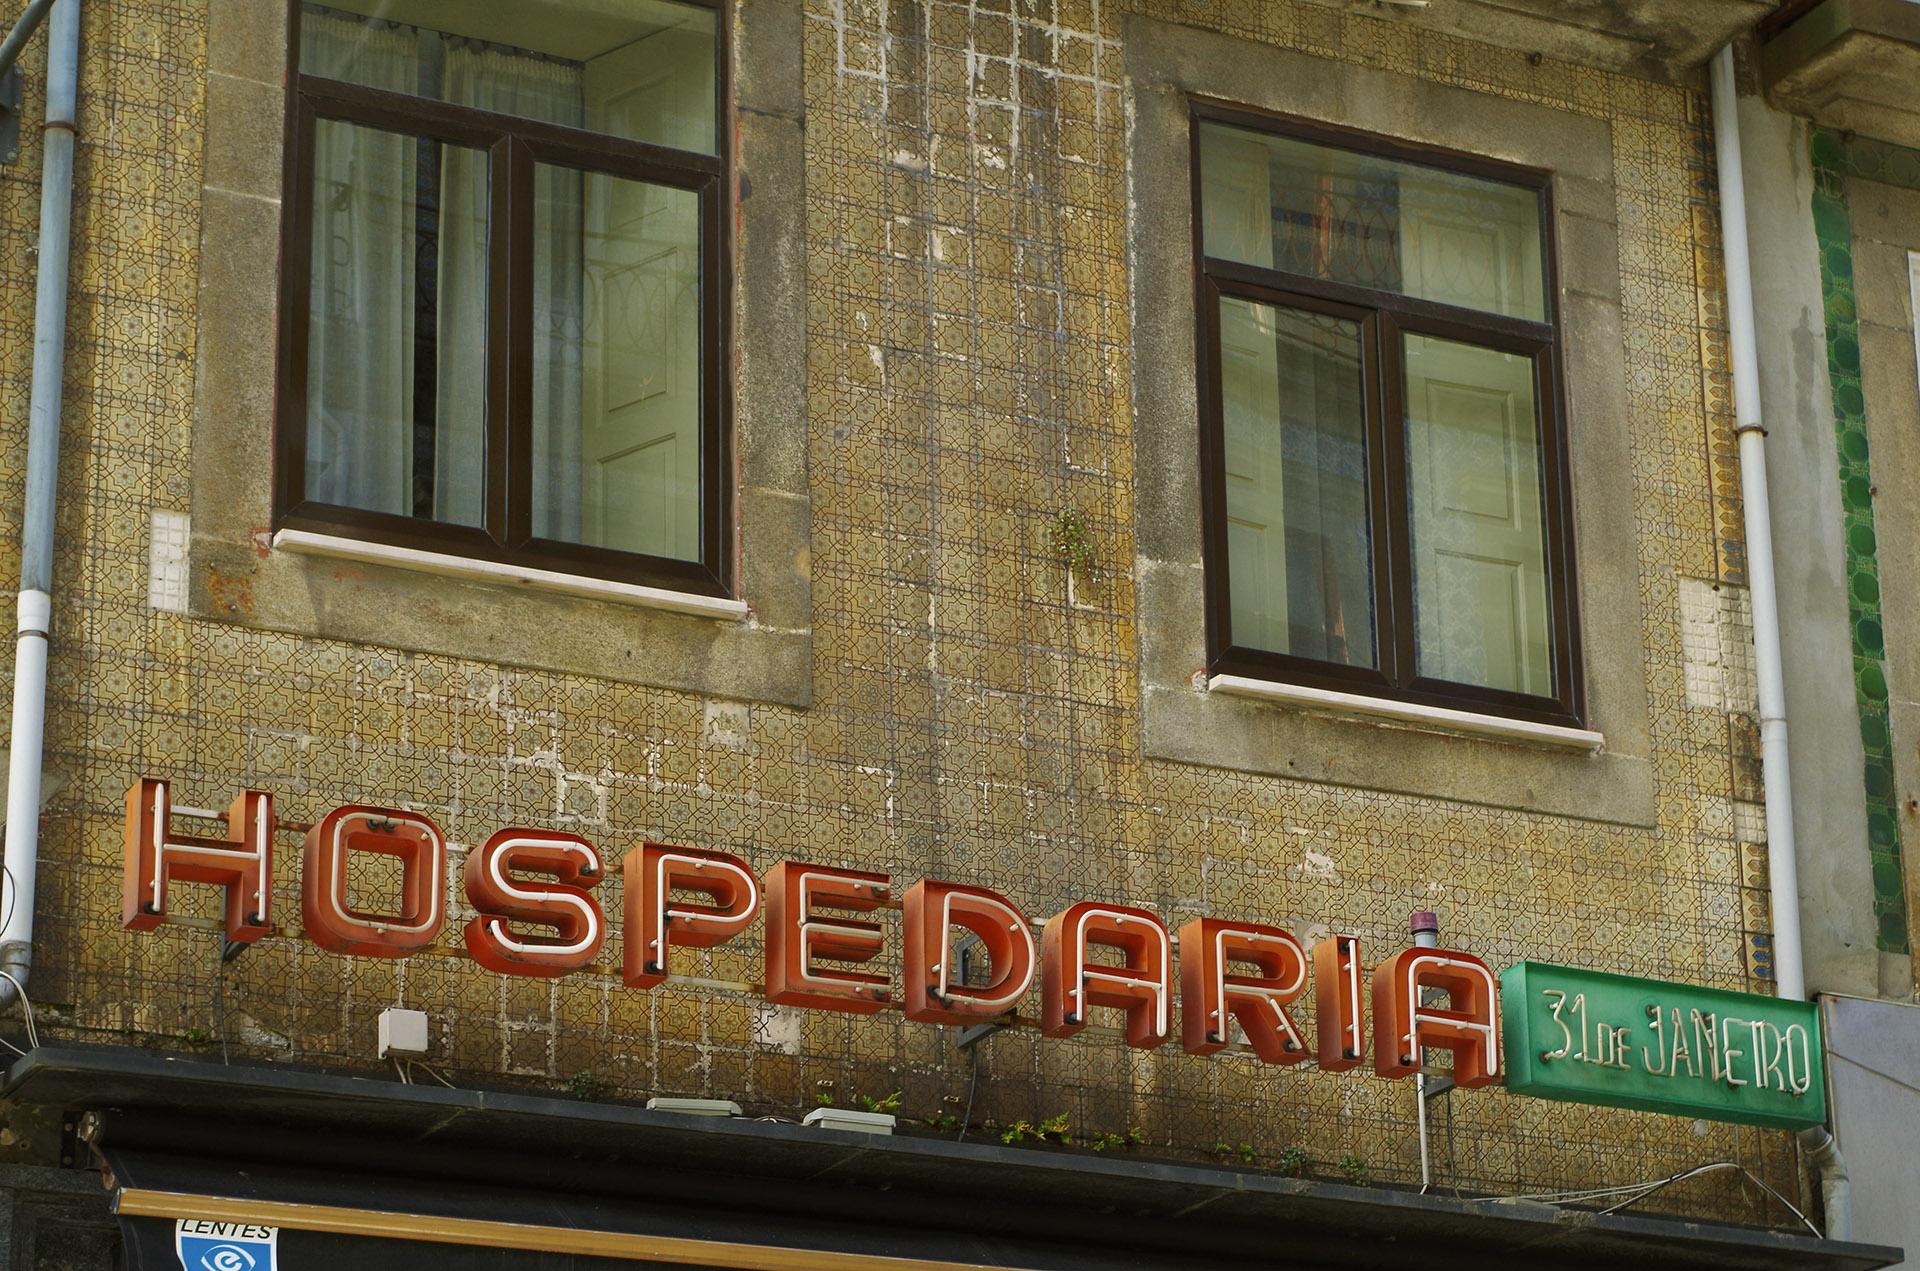 Rótulo de Hospederia (Oporto)